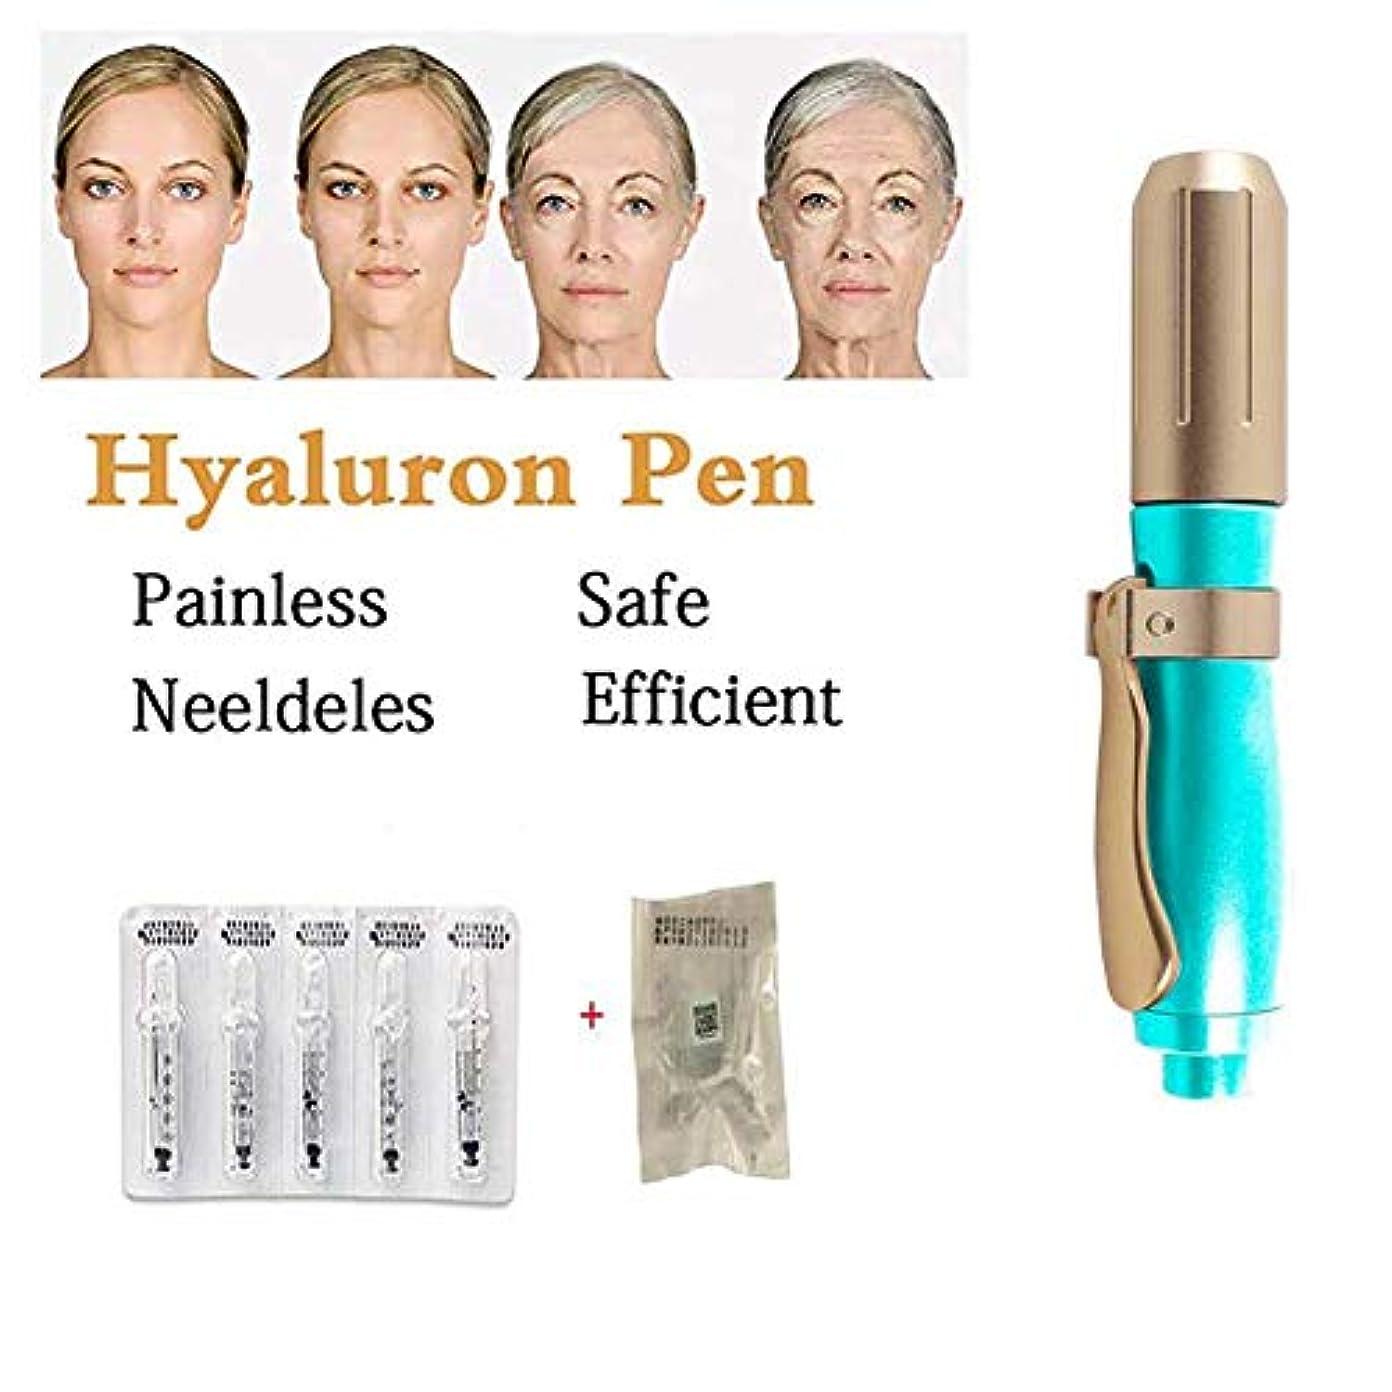 鎮痛剤去るスキー携帯用非侵襲的な噴霧器、ヒアルロン酸の注入のペンのヒアルロンのペンの高圧酸銃の反しわ水美機械